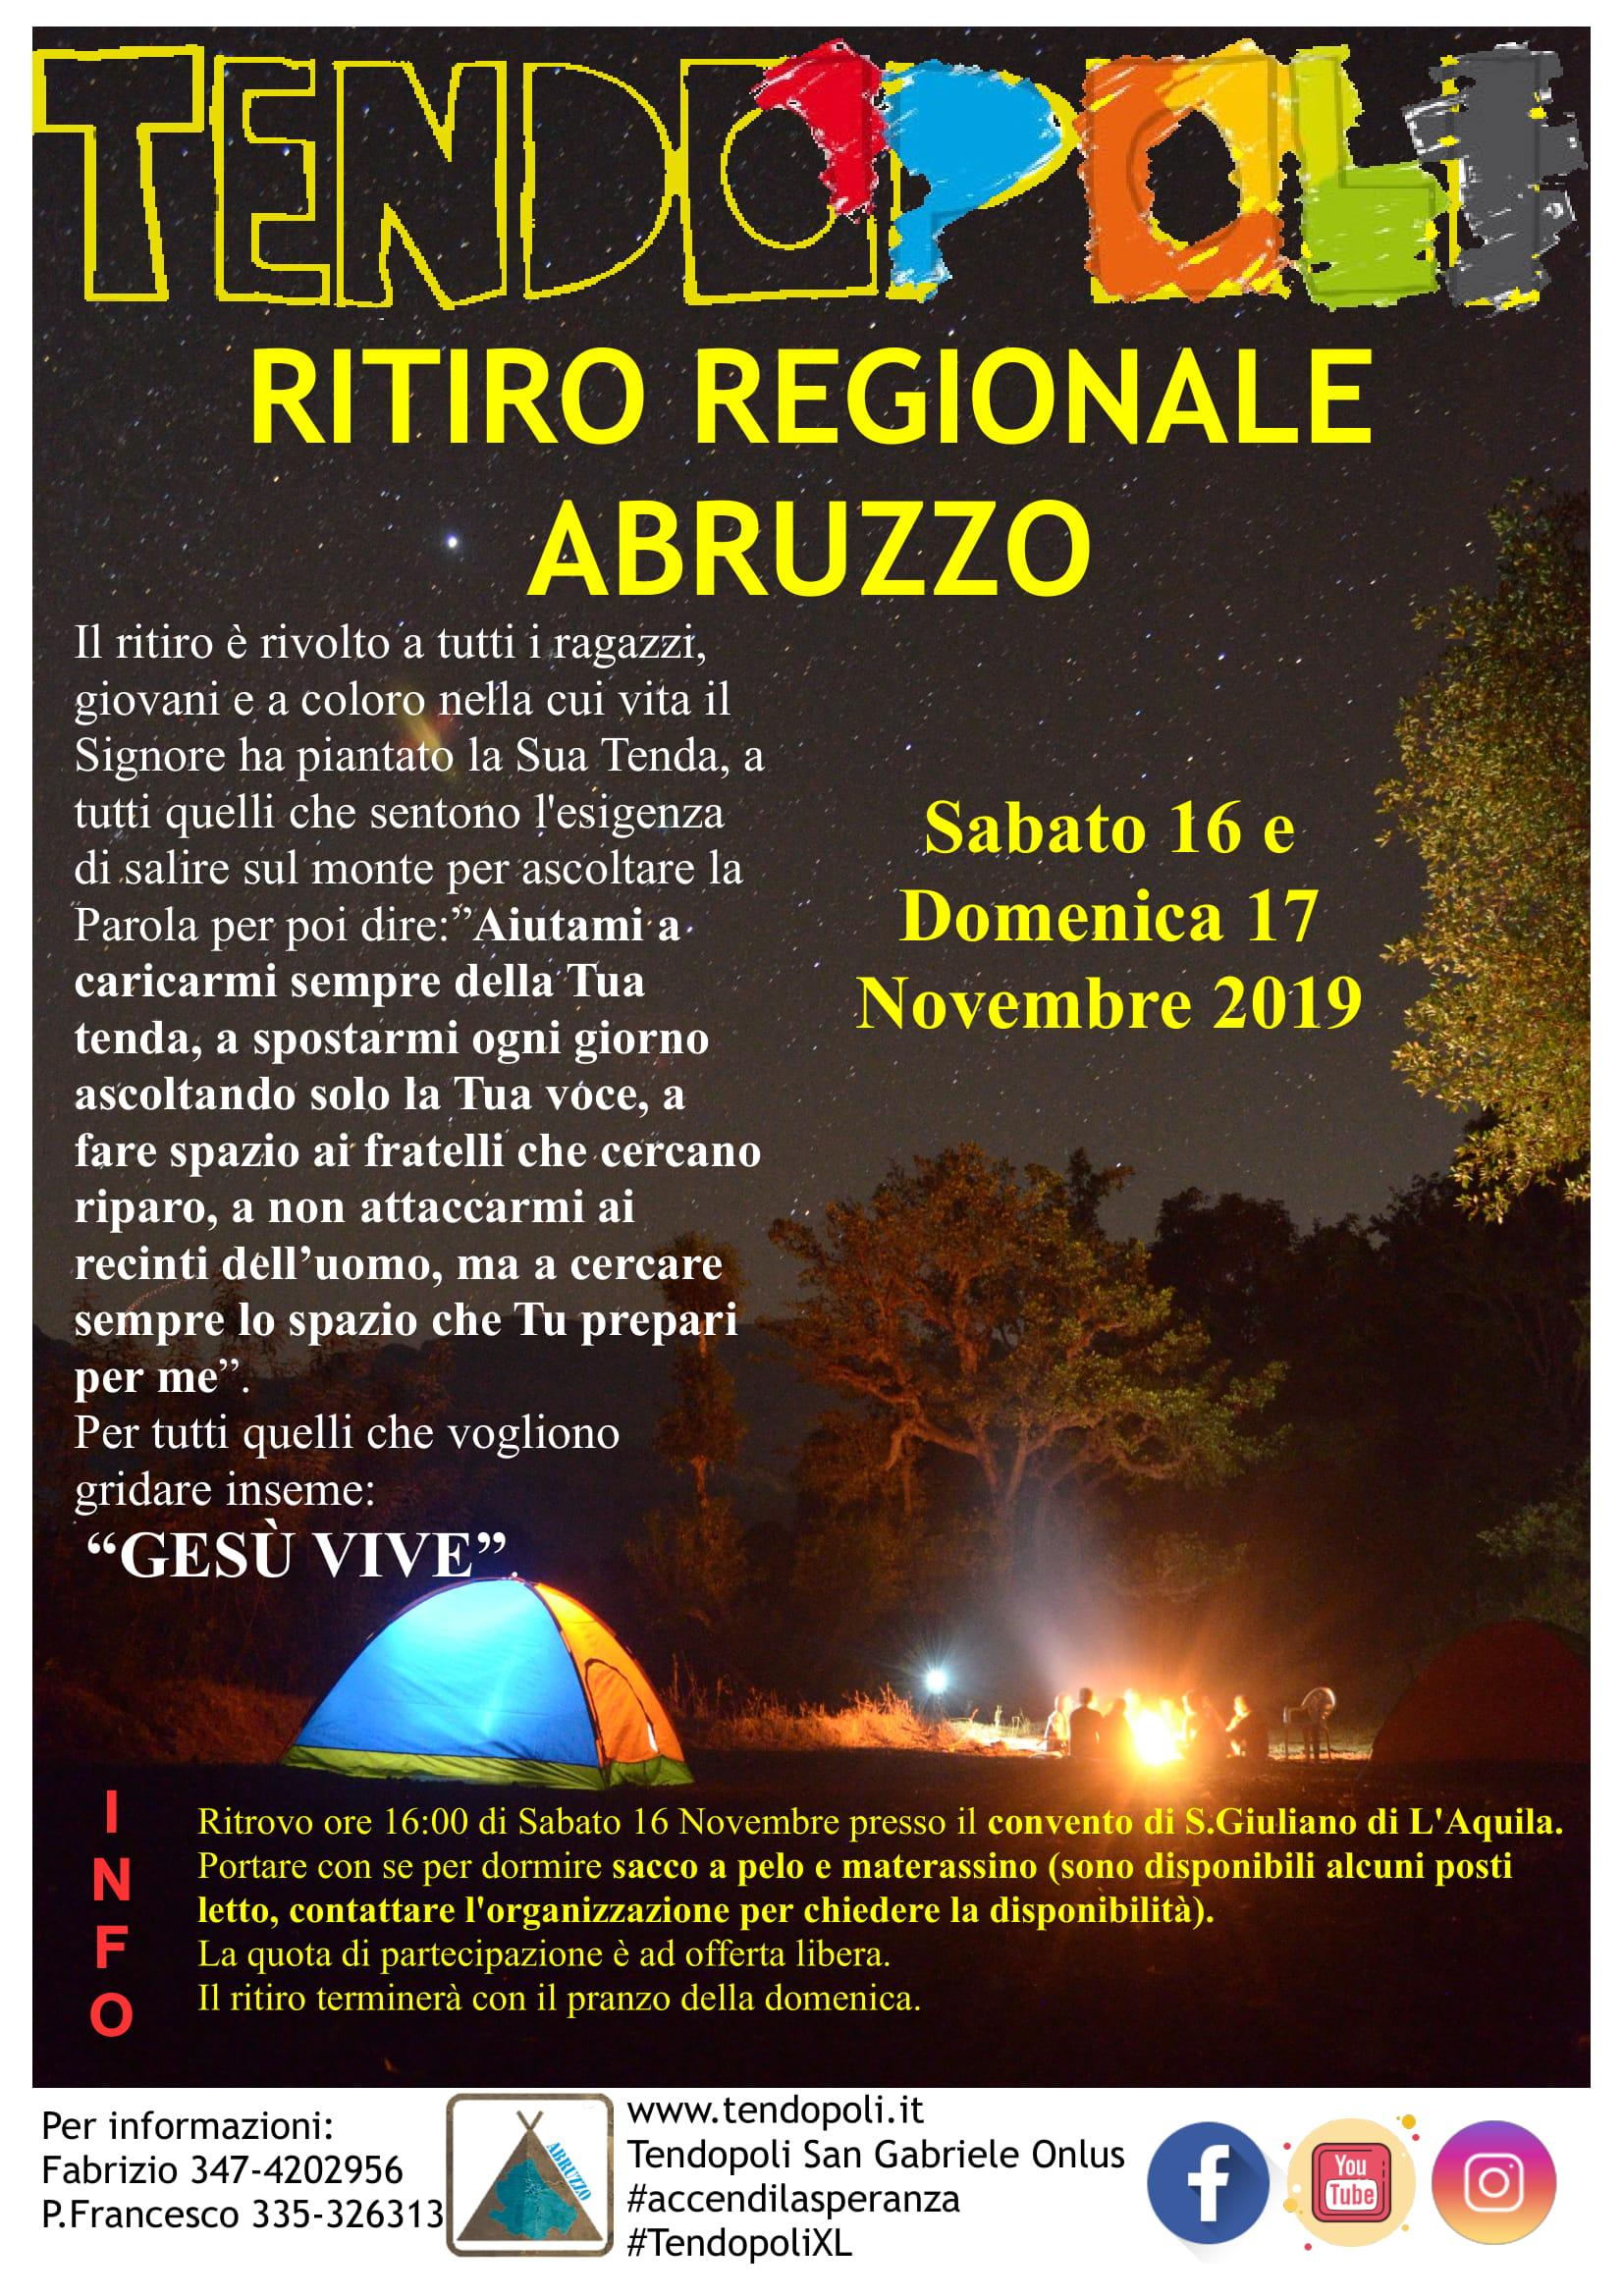 volantino ritiro regionale Abruzzo 2019